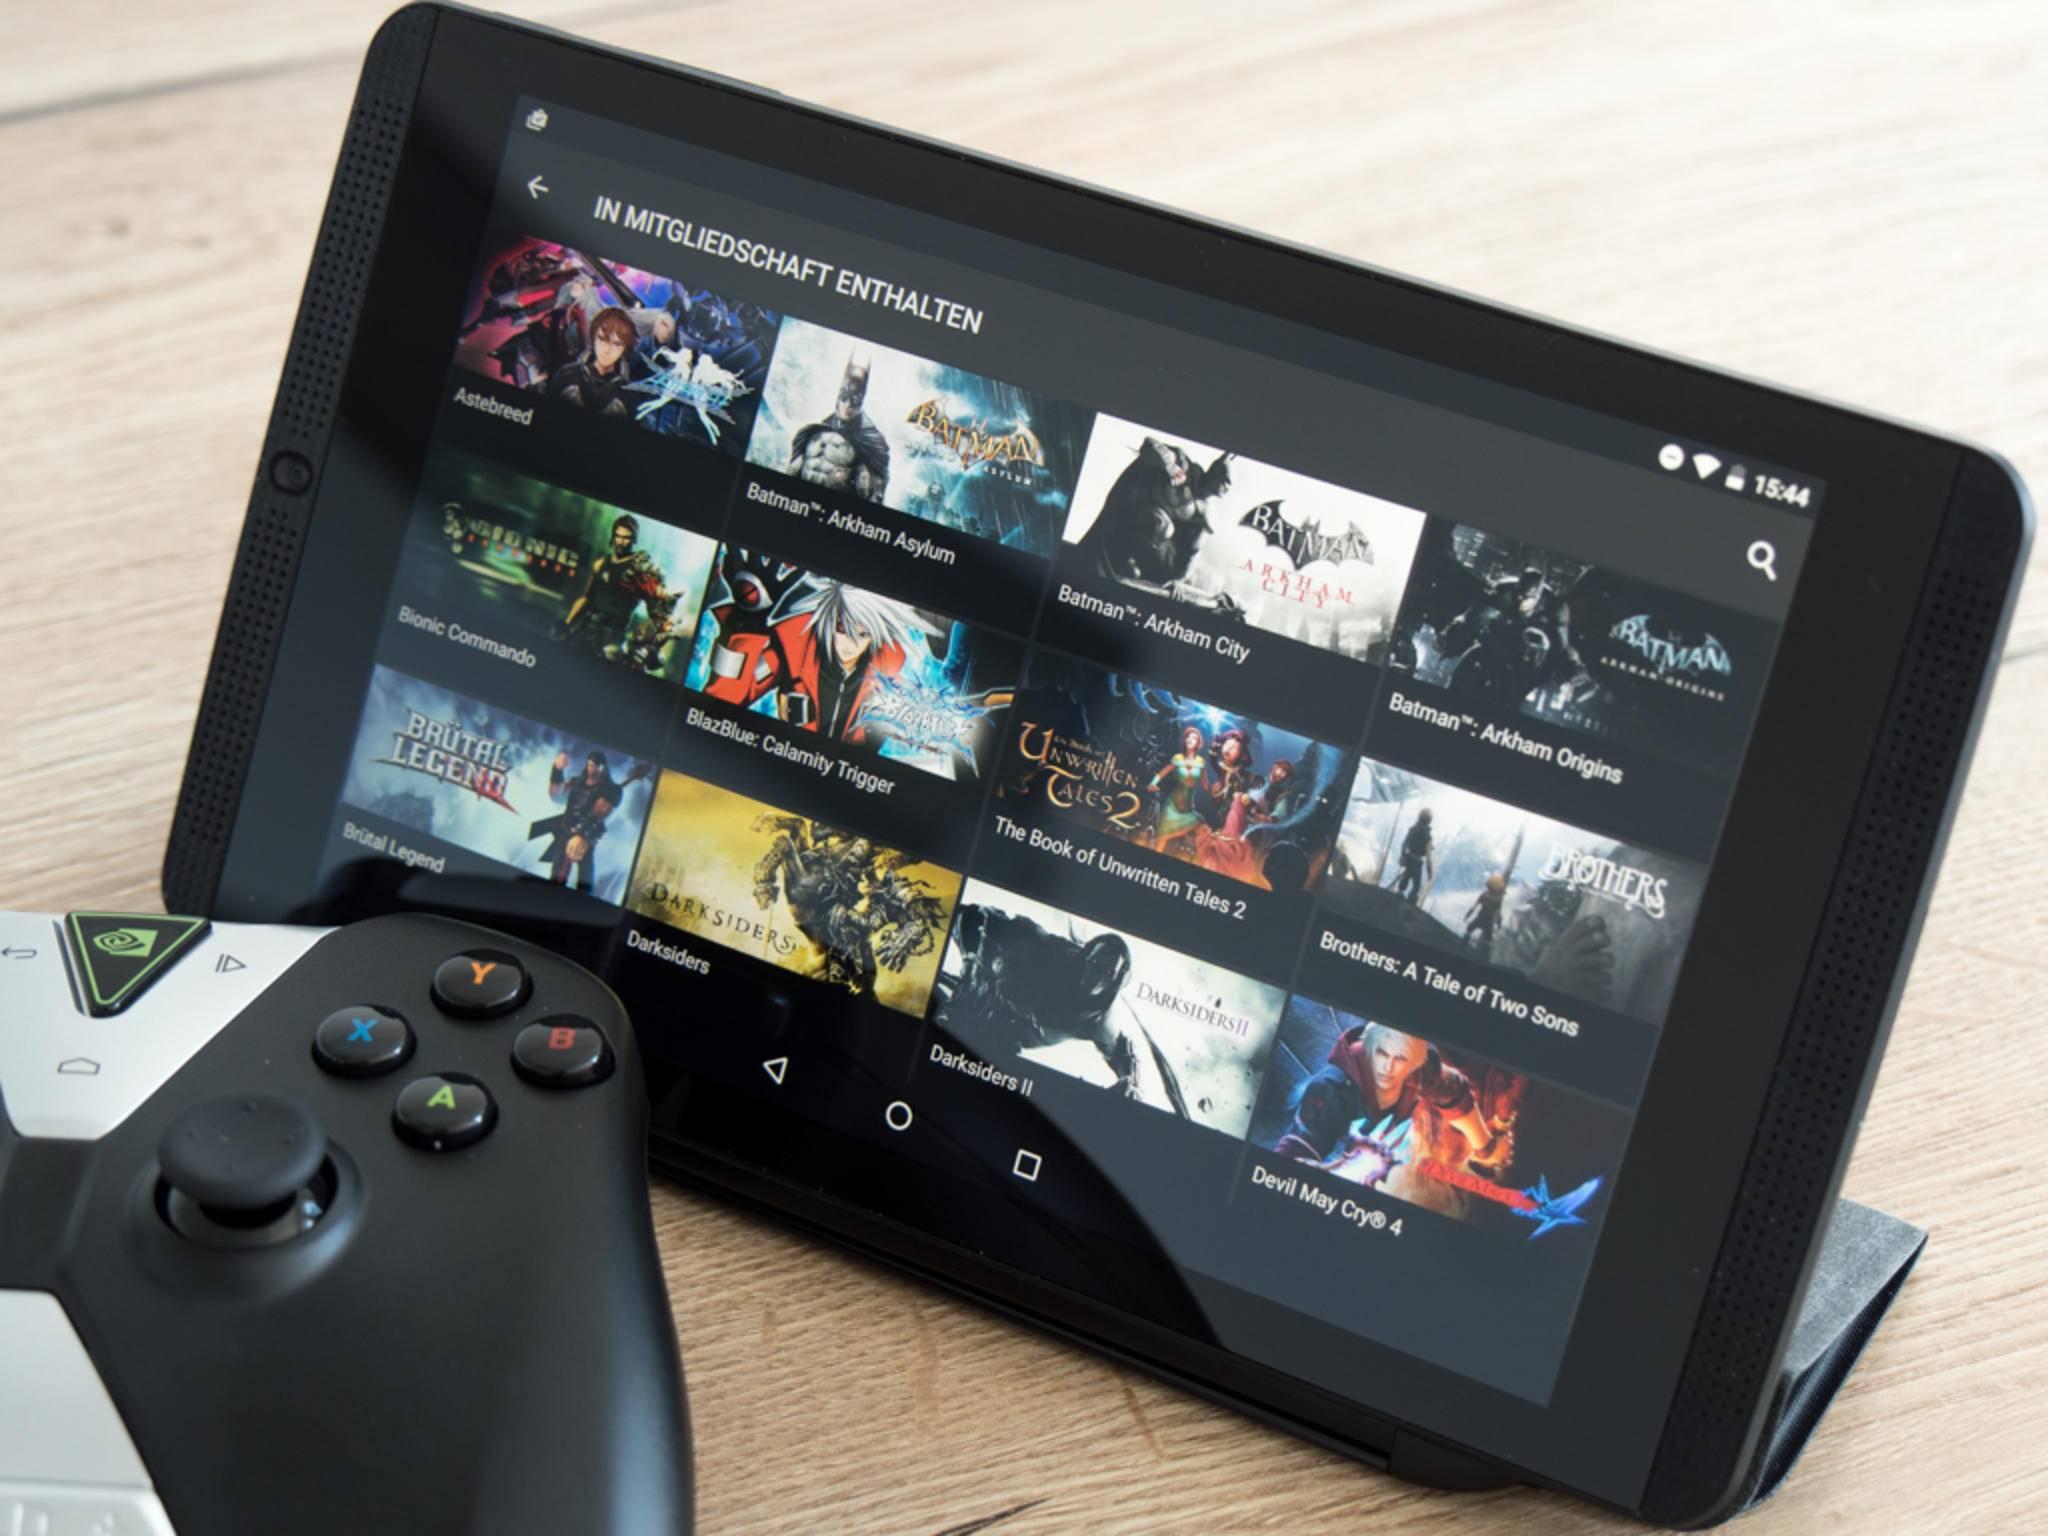 Das Nvidia Shield K1 könnte schon bald einen Nachfolger bekommen.